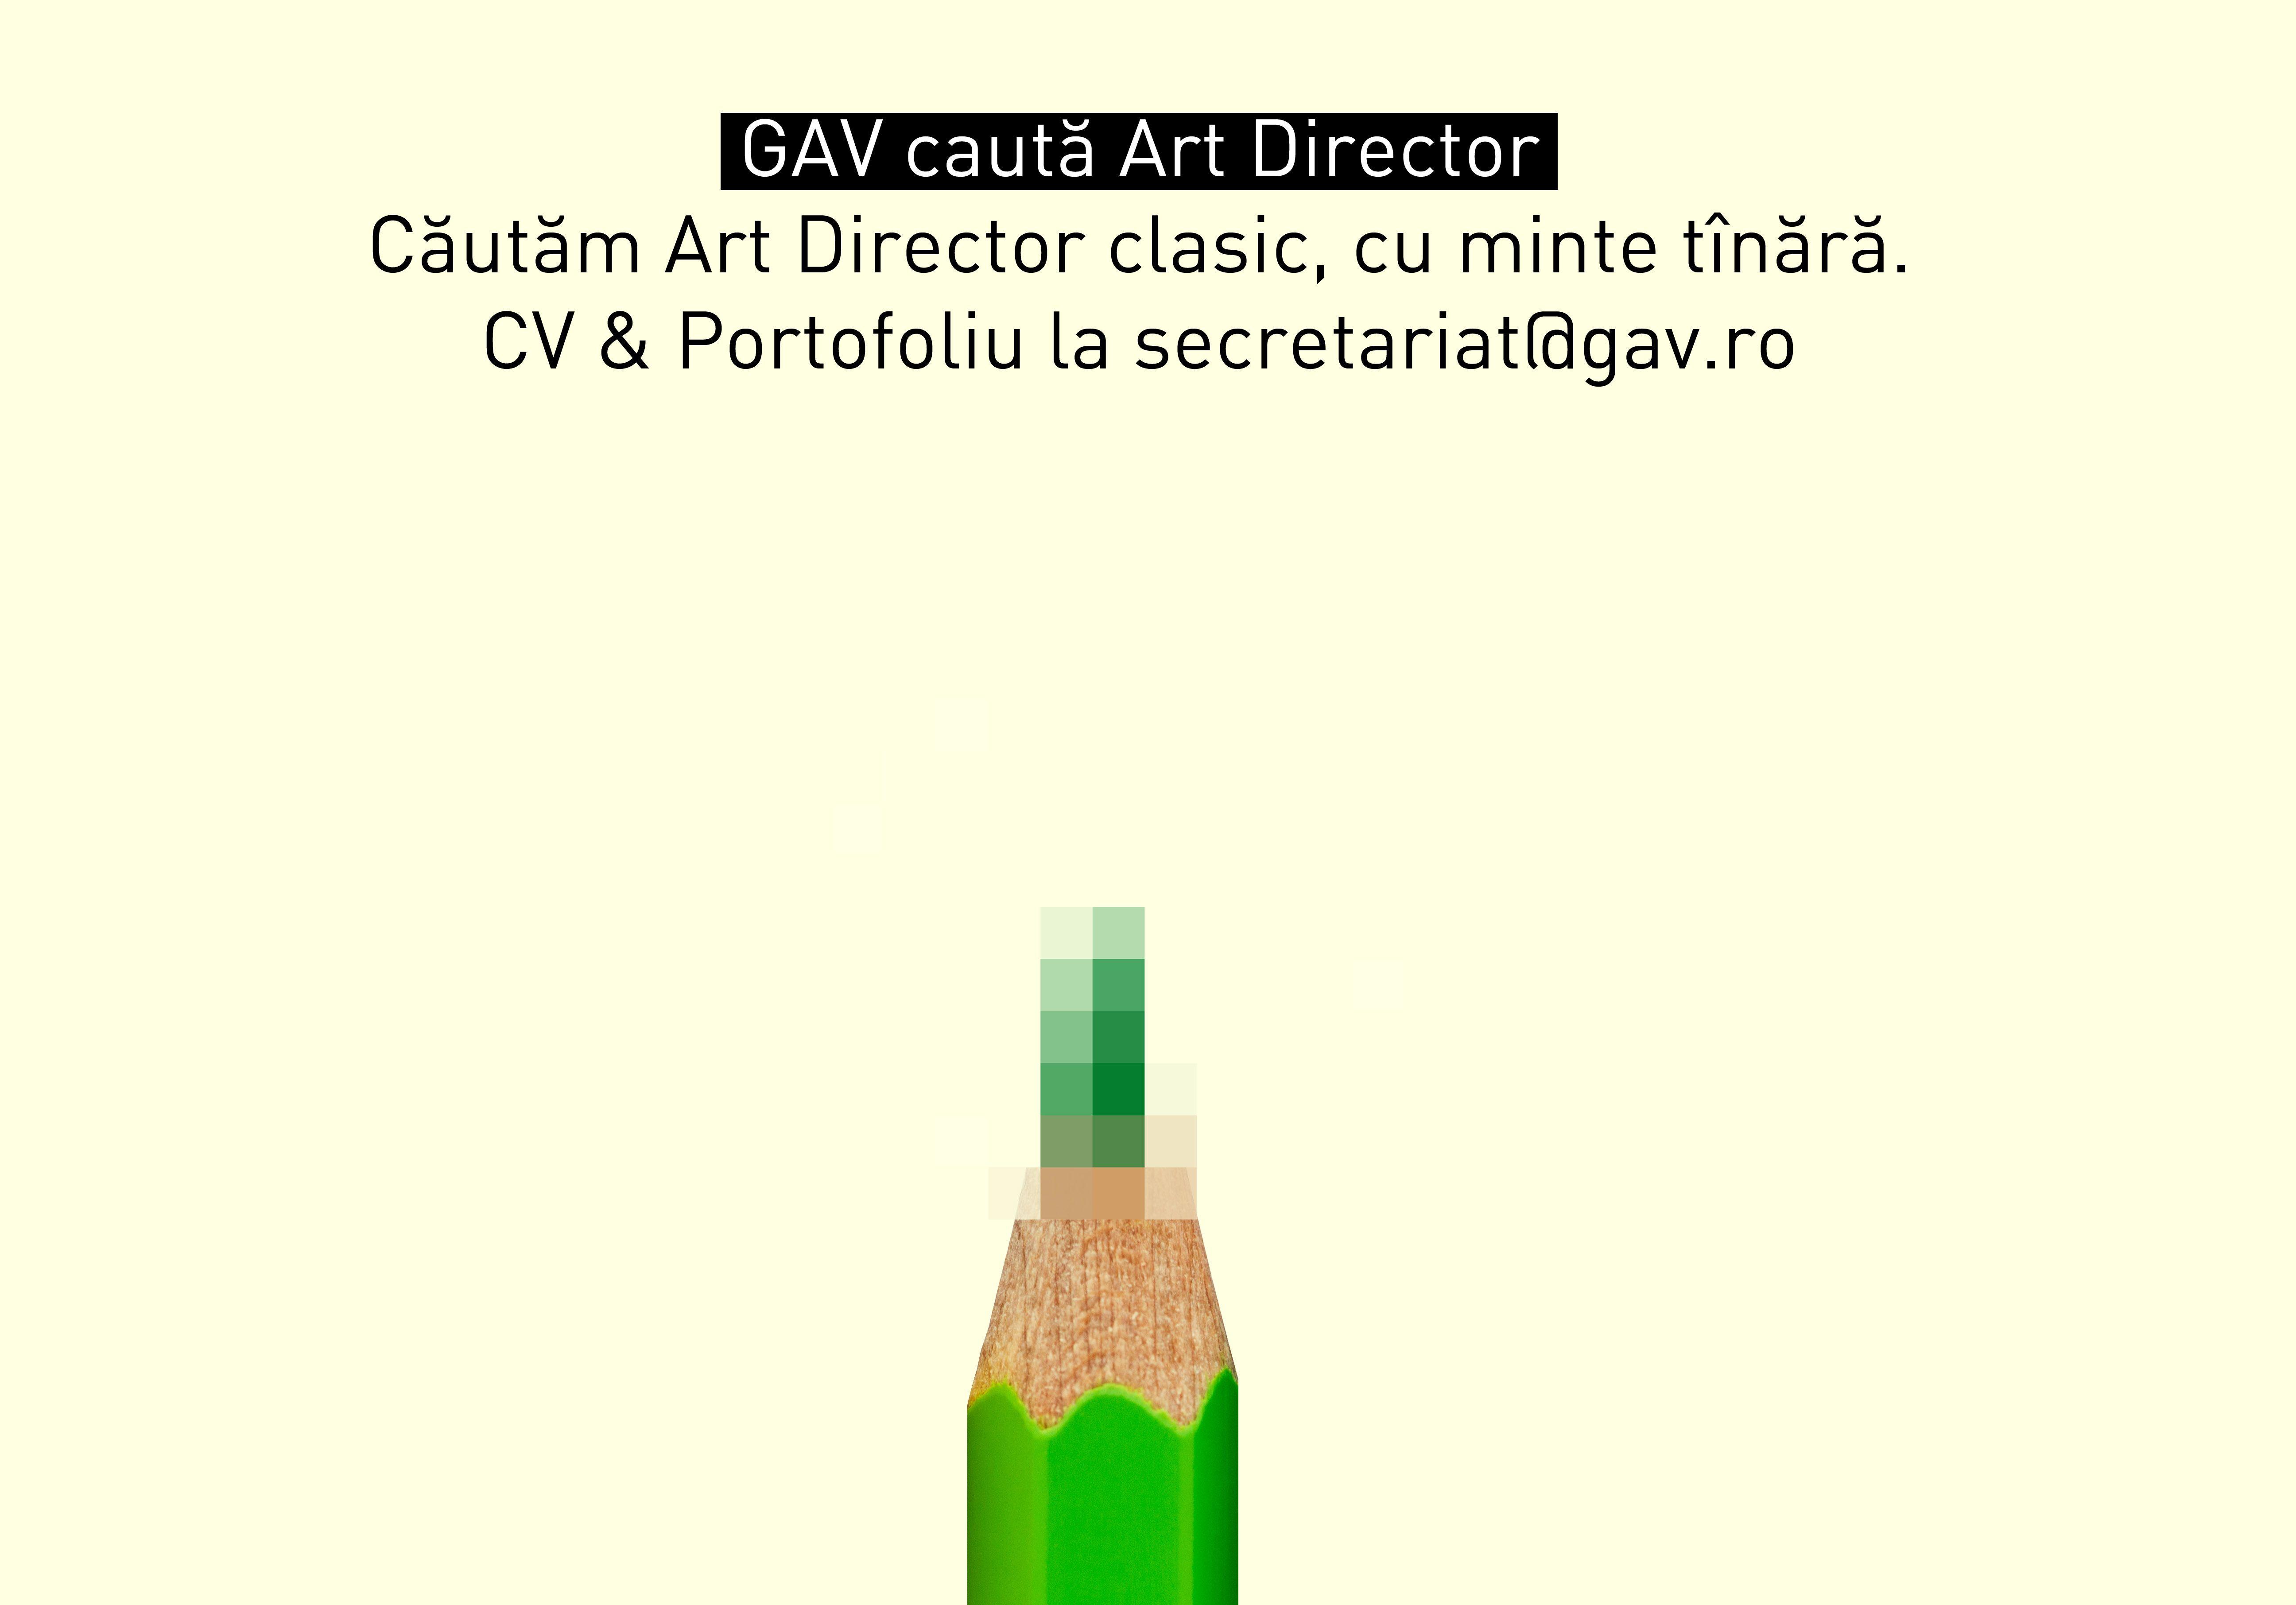 Art director wanted resume portofolio at secretariat